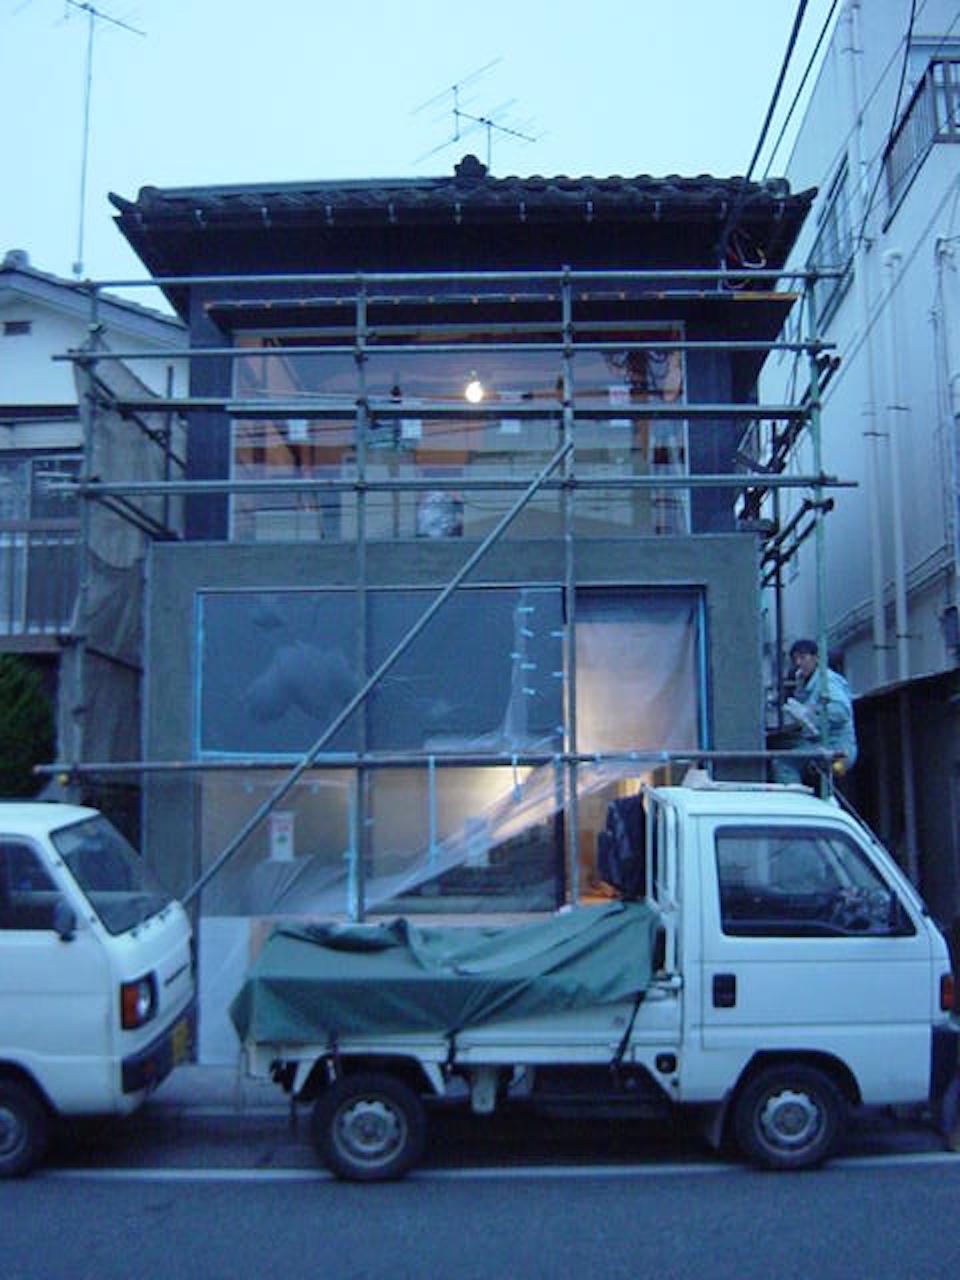 鎌倉市長谷 OKASHI0467 02